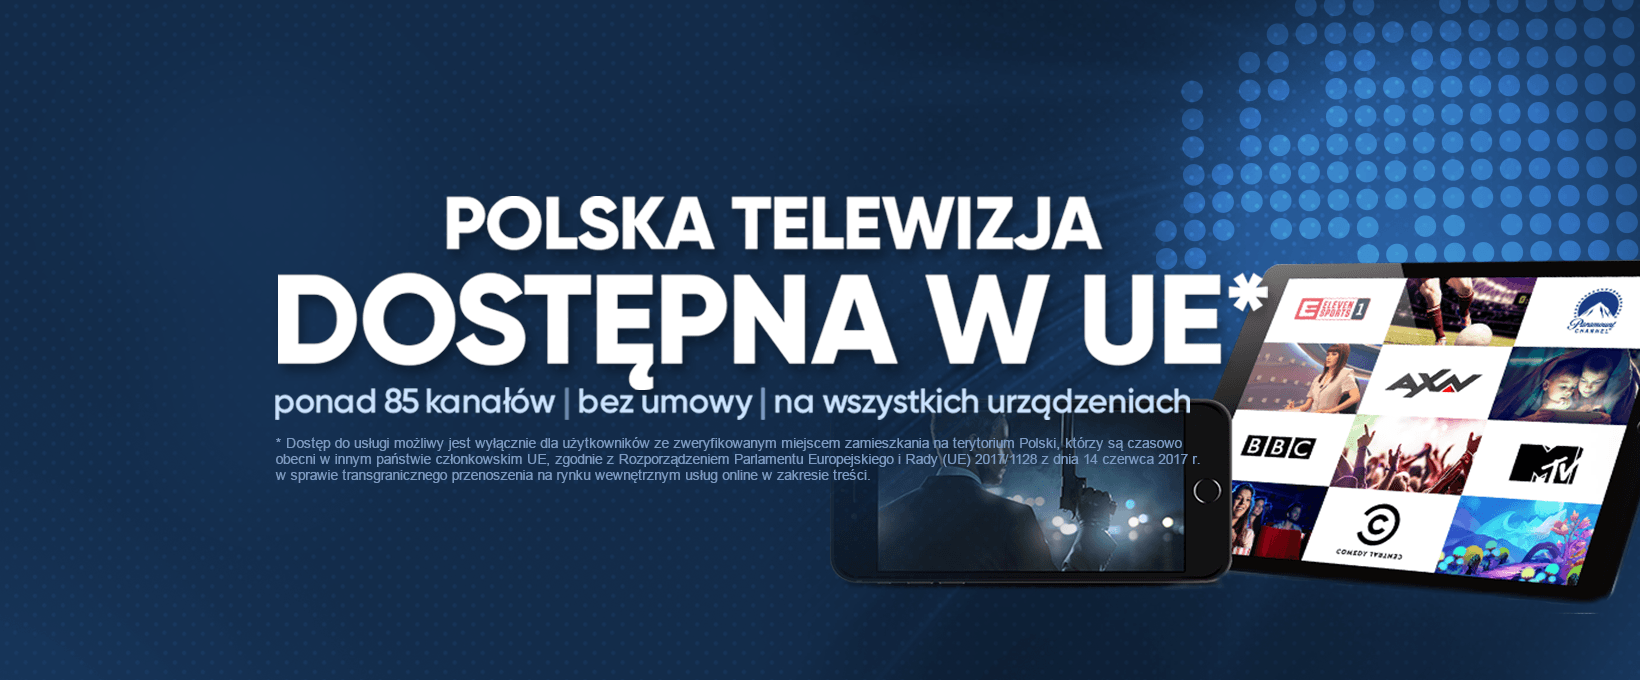 Polska telewizja dostępna we wszystkich krajach Unii Europejskiej - WP Pilot poszerza zasięg 28